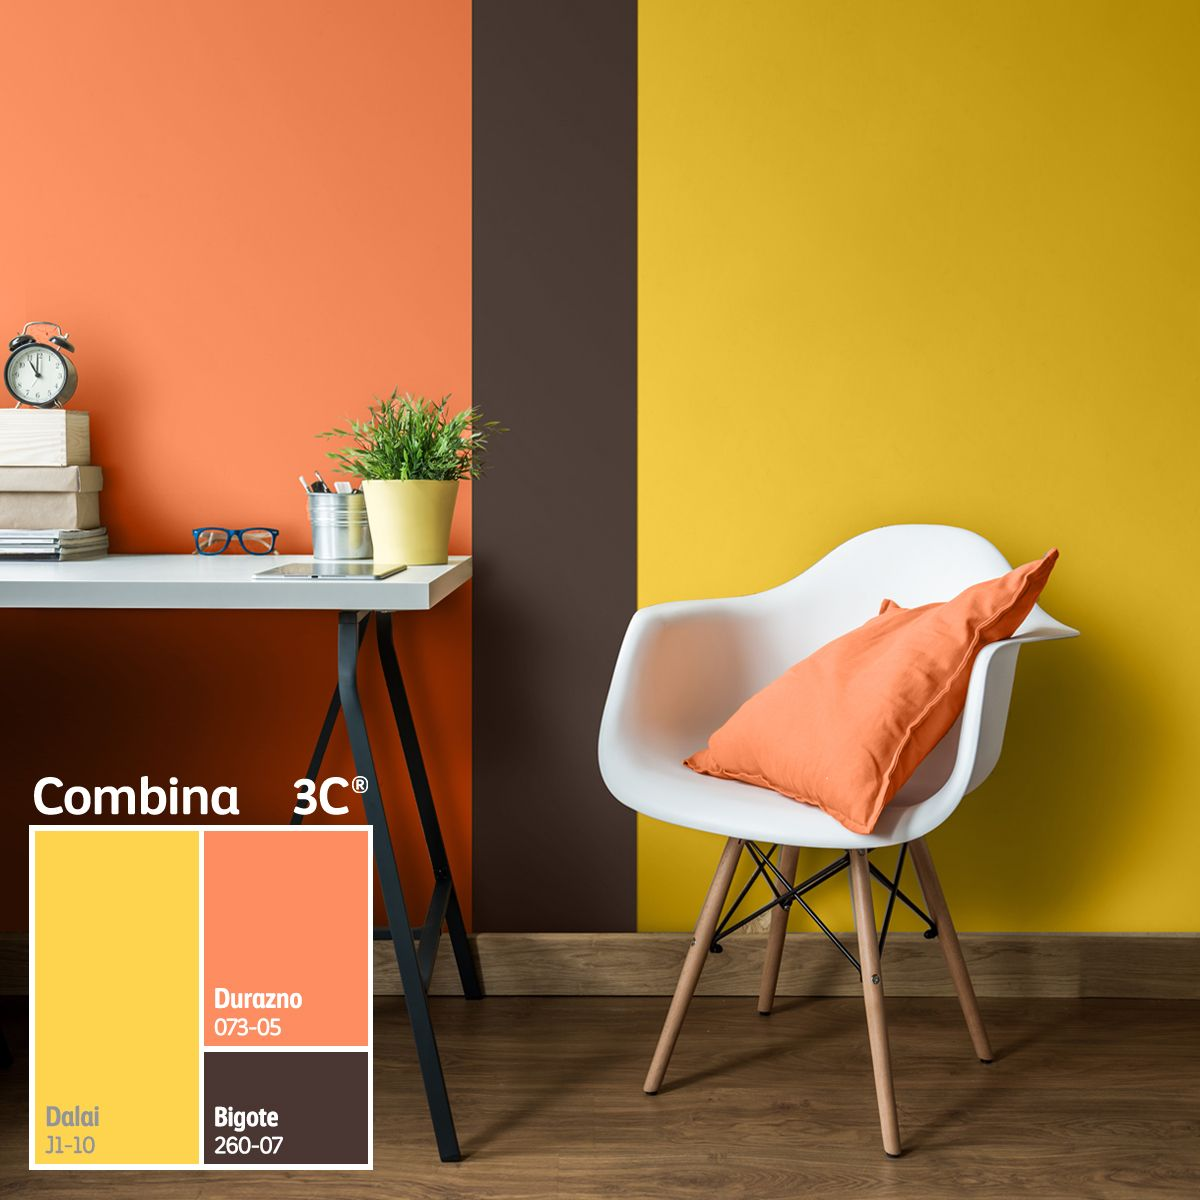 Los colores cálidos crearán un ambiente íntimo que hará resaltar